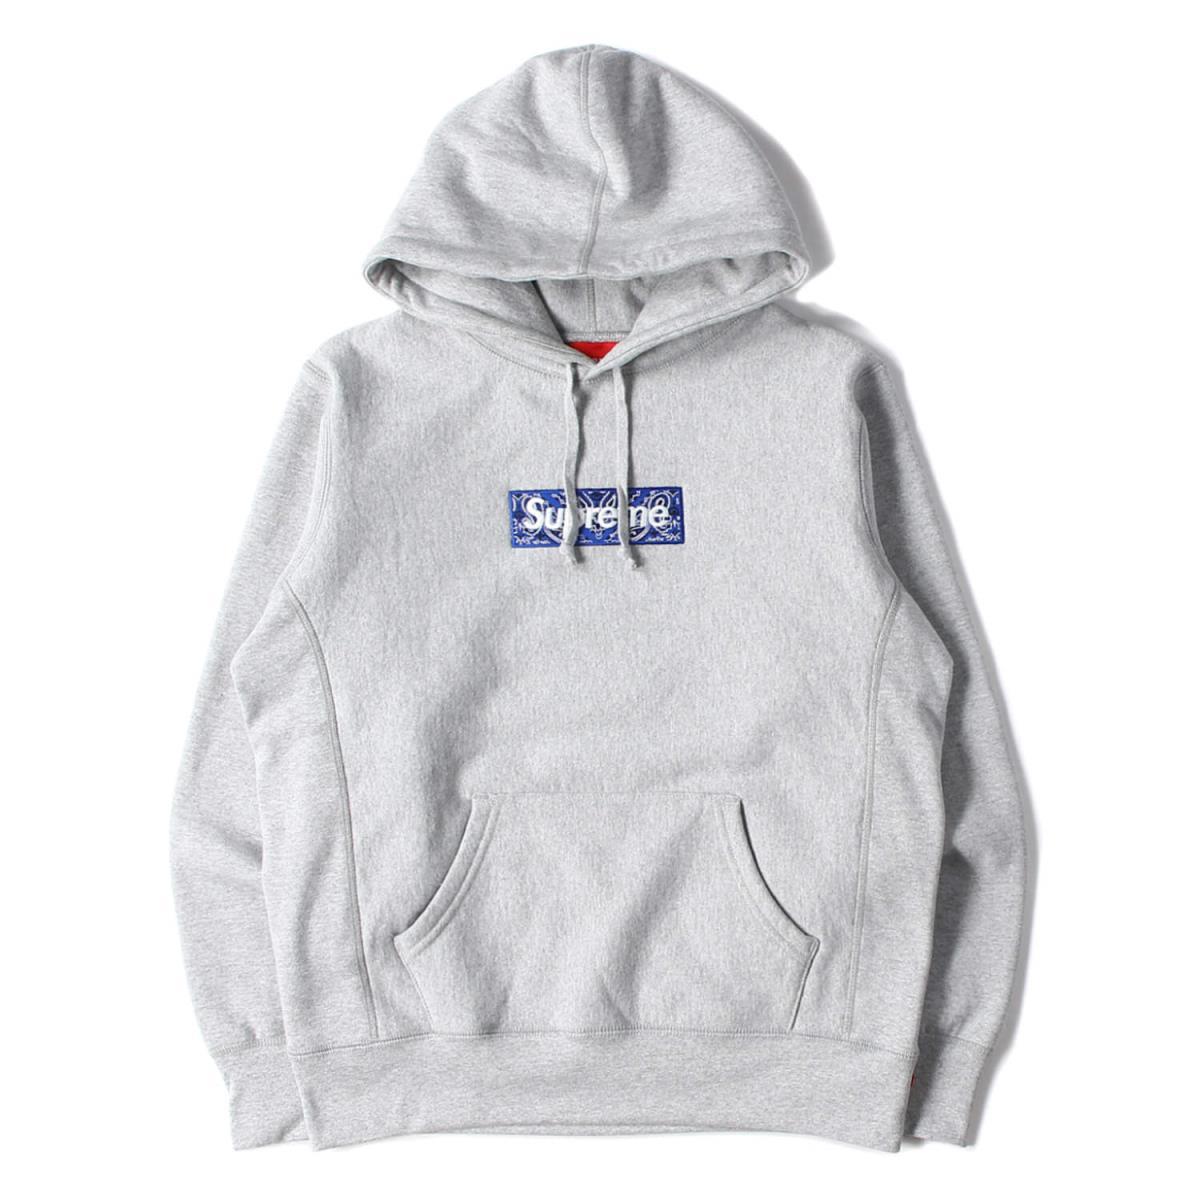 トップス, パーカー Supreme 19AW BOX Bandana Box Logo Hooded Sweatshirt S K2806